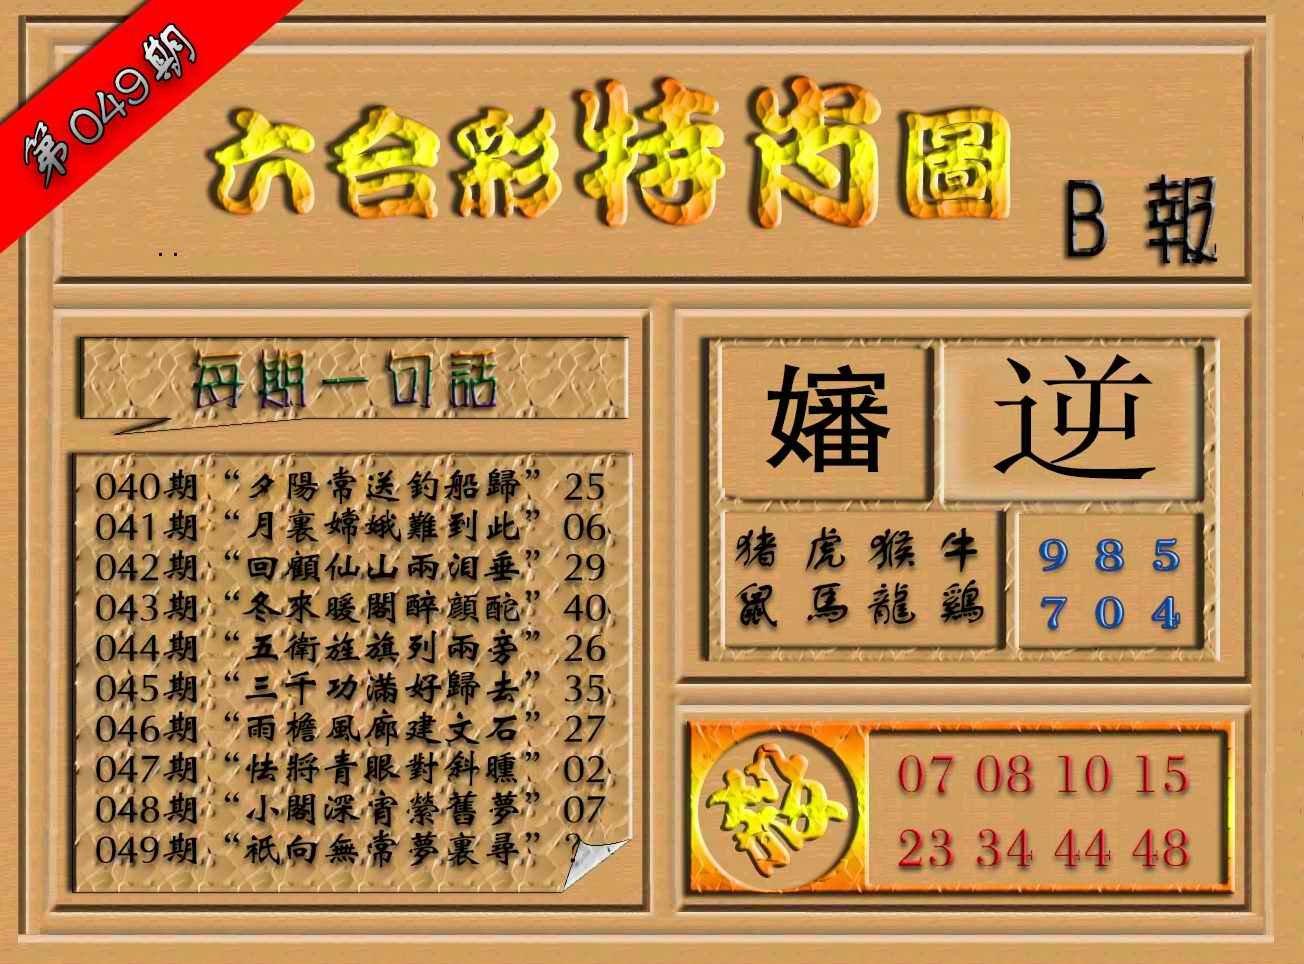 049期六合彩特肖图(B报)